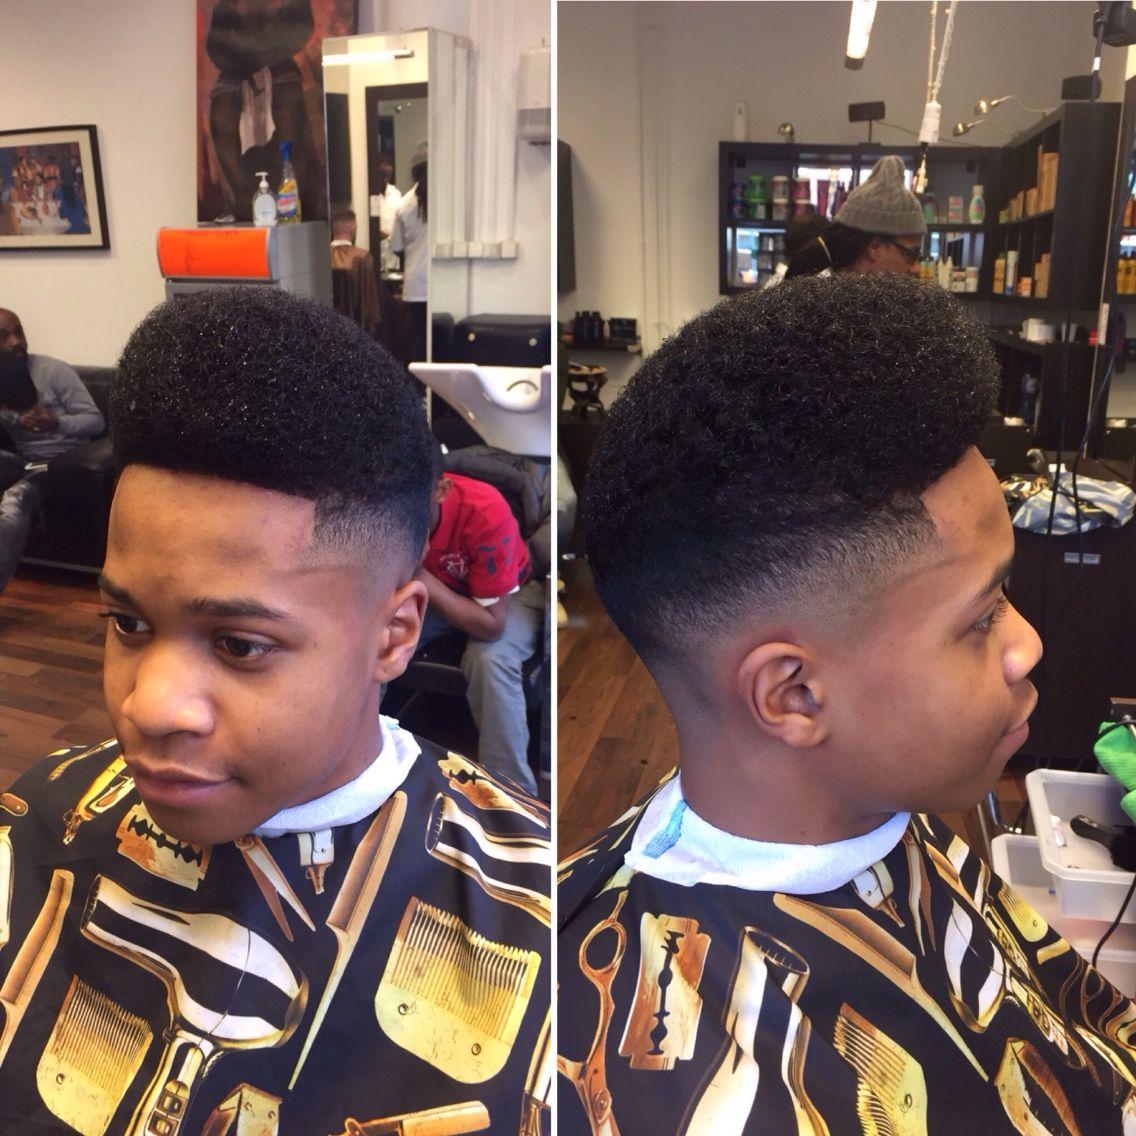 Barber Omar Barbershop Thehairdoctoramsterdam Barber Amsterdam Overloop Afro